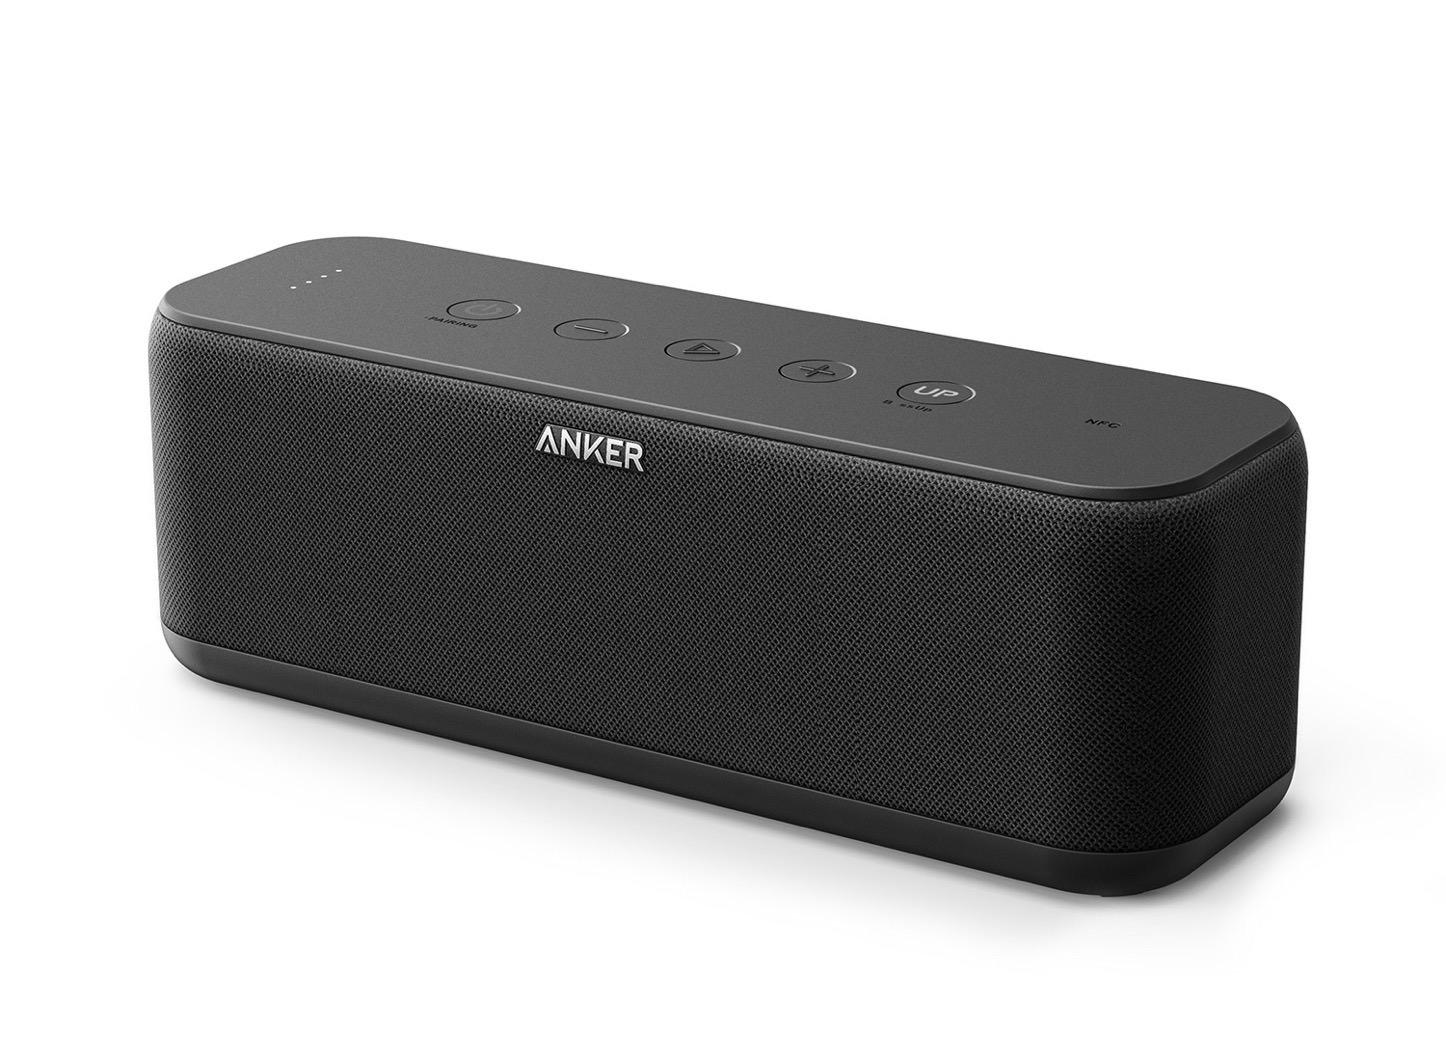 Anker-SoundCore-Boost-Wireless-Speakers-12.jpg